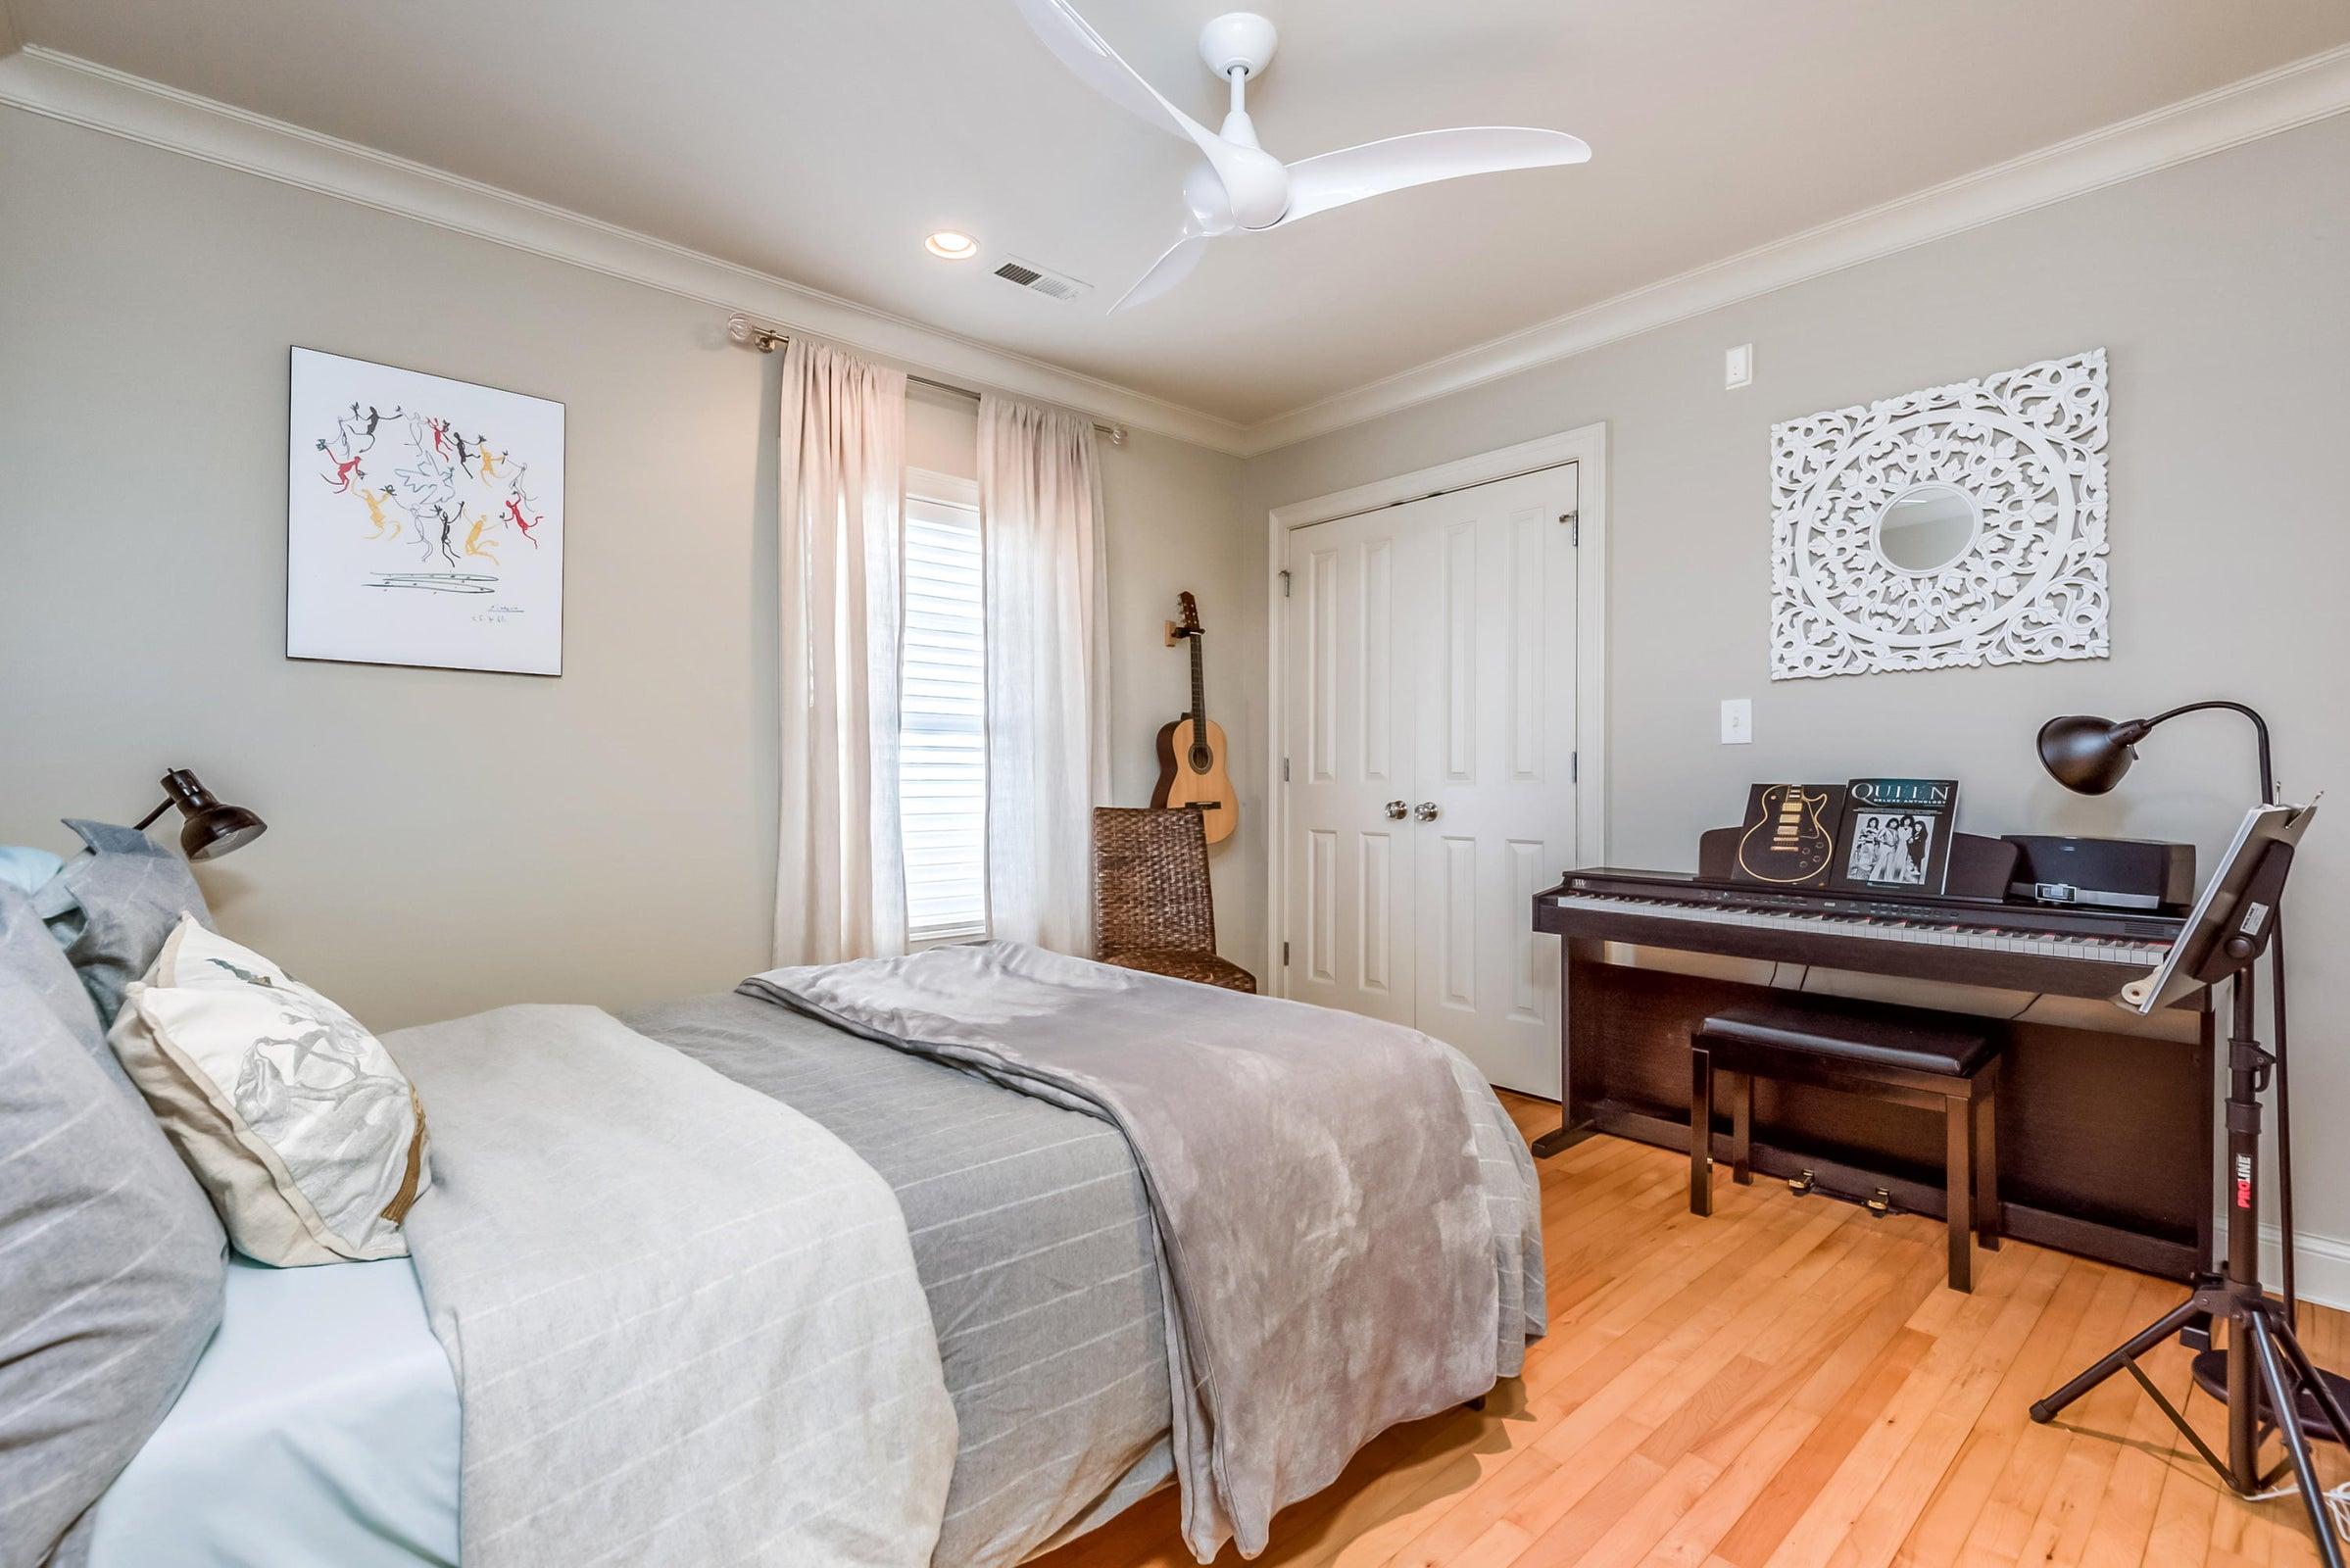 6612StoneMill-Bedroom 2